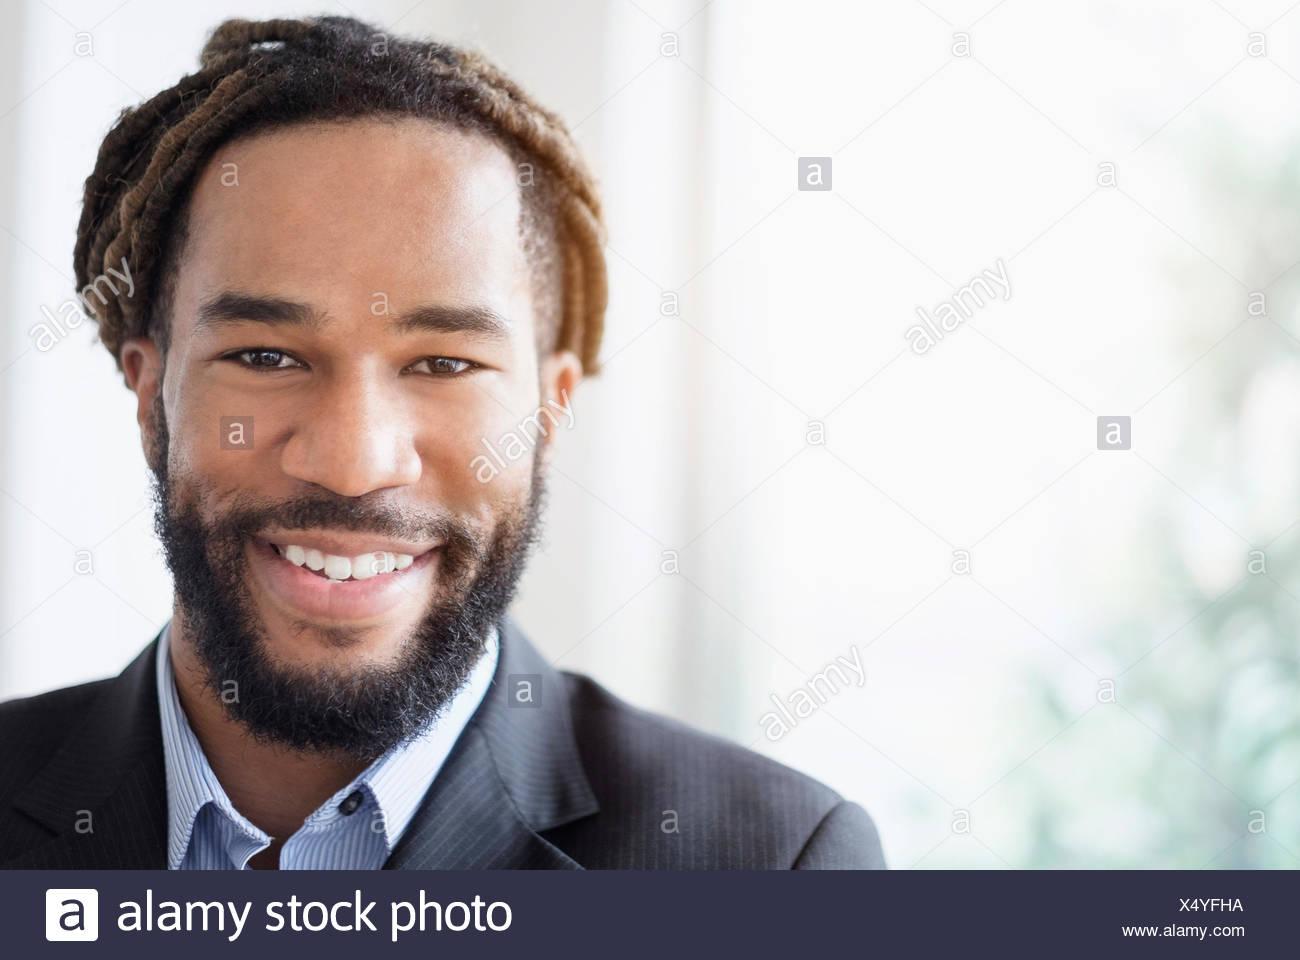 Ritratto di imprenditore smiley tuta da indossare Immagini Stock